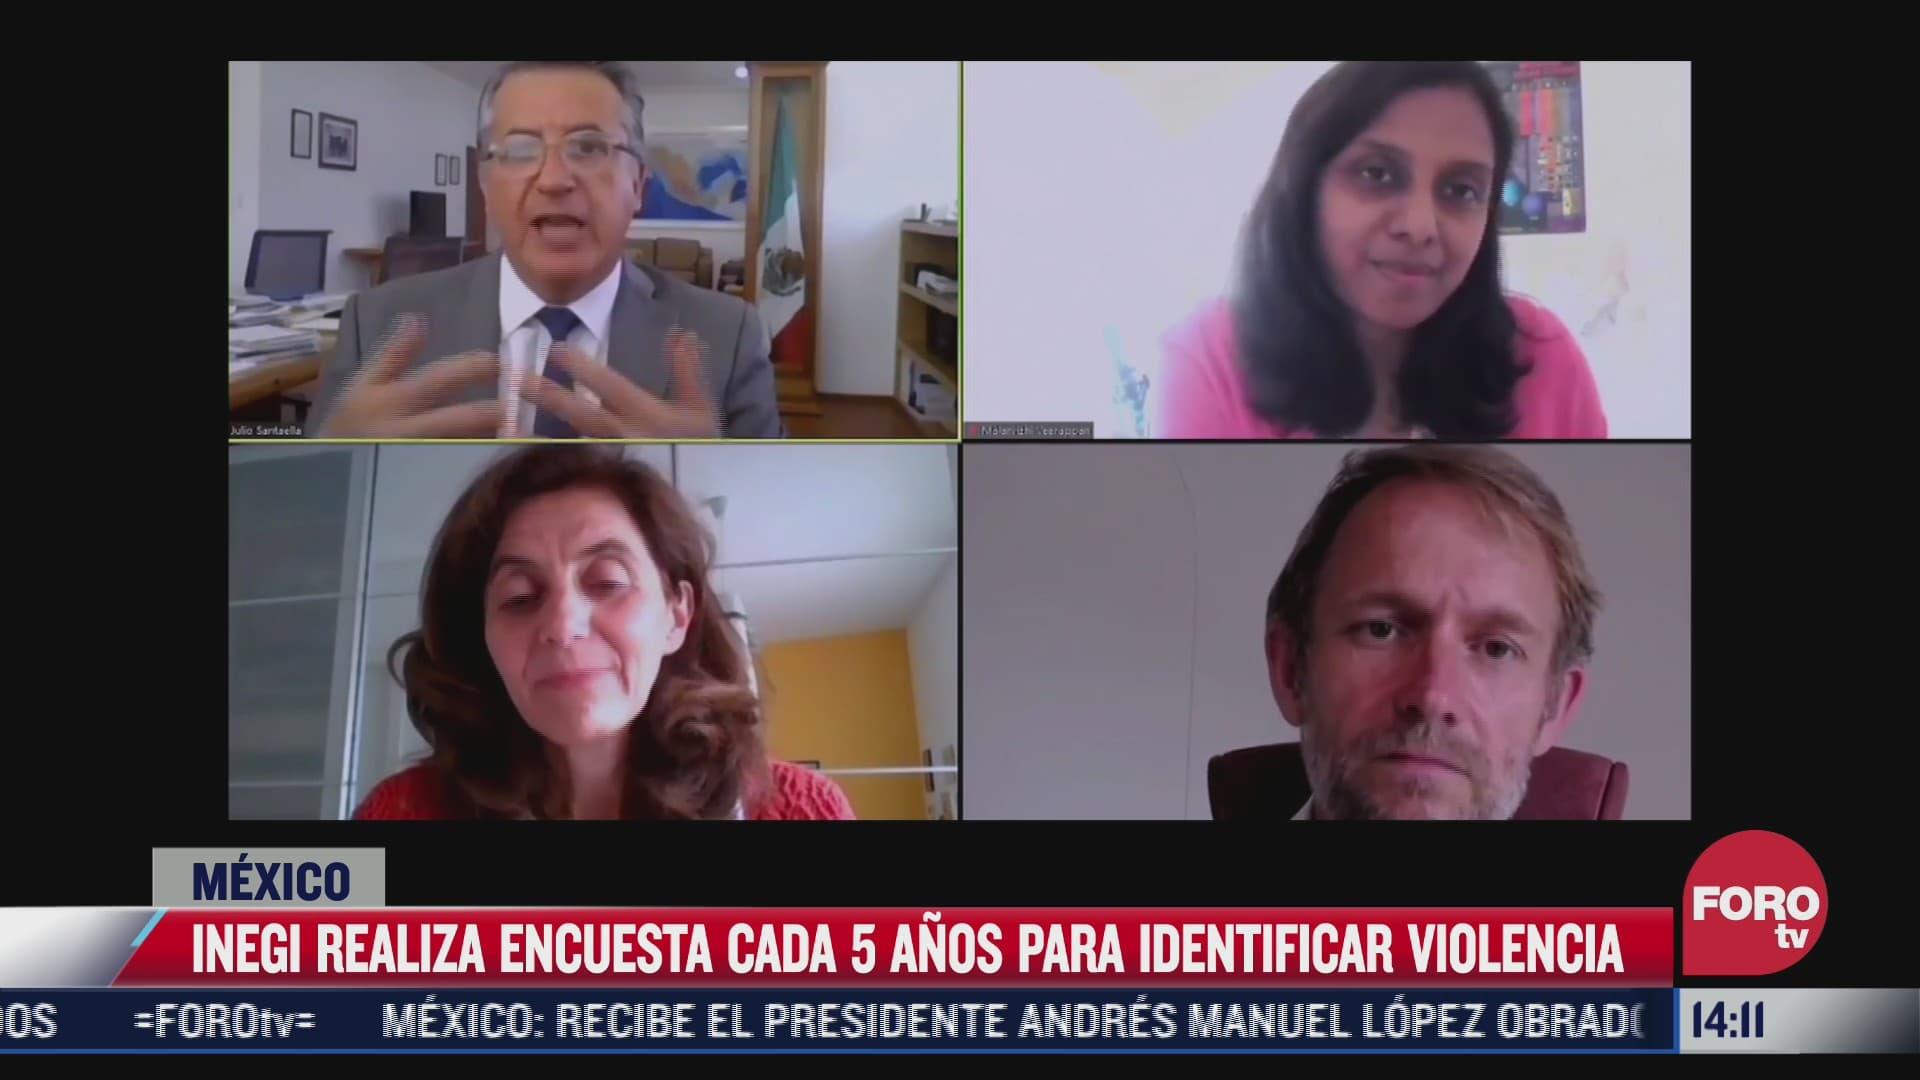 inegi realiza encuesta para conocer mas sobre la violencia contra la mujer